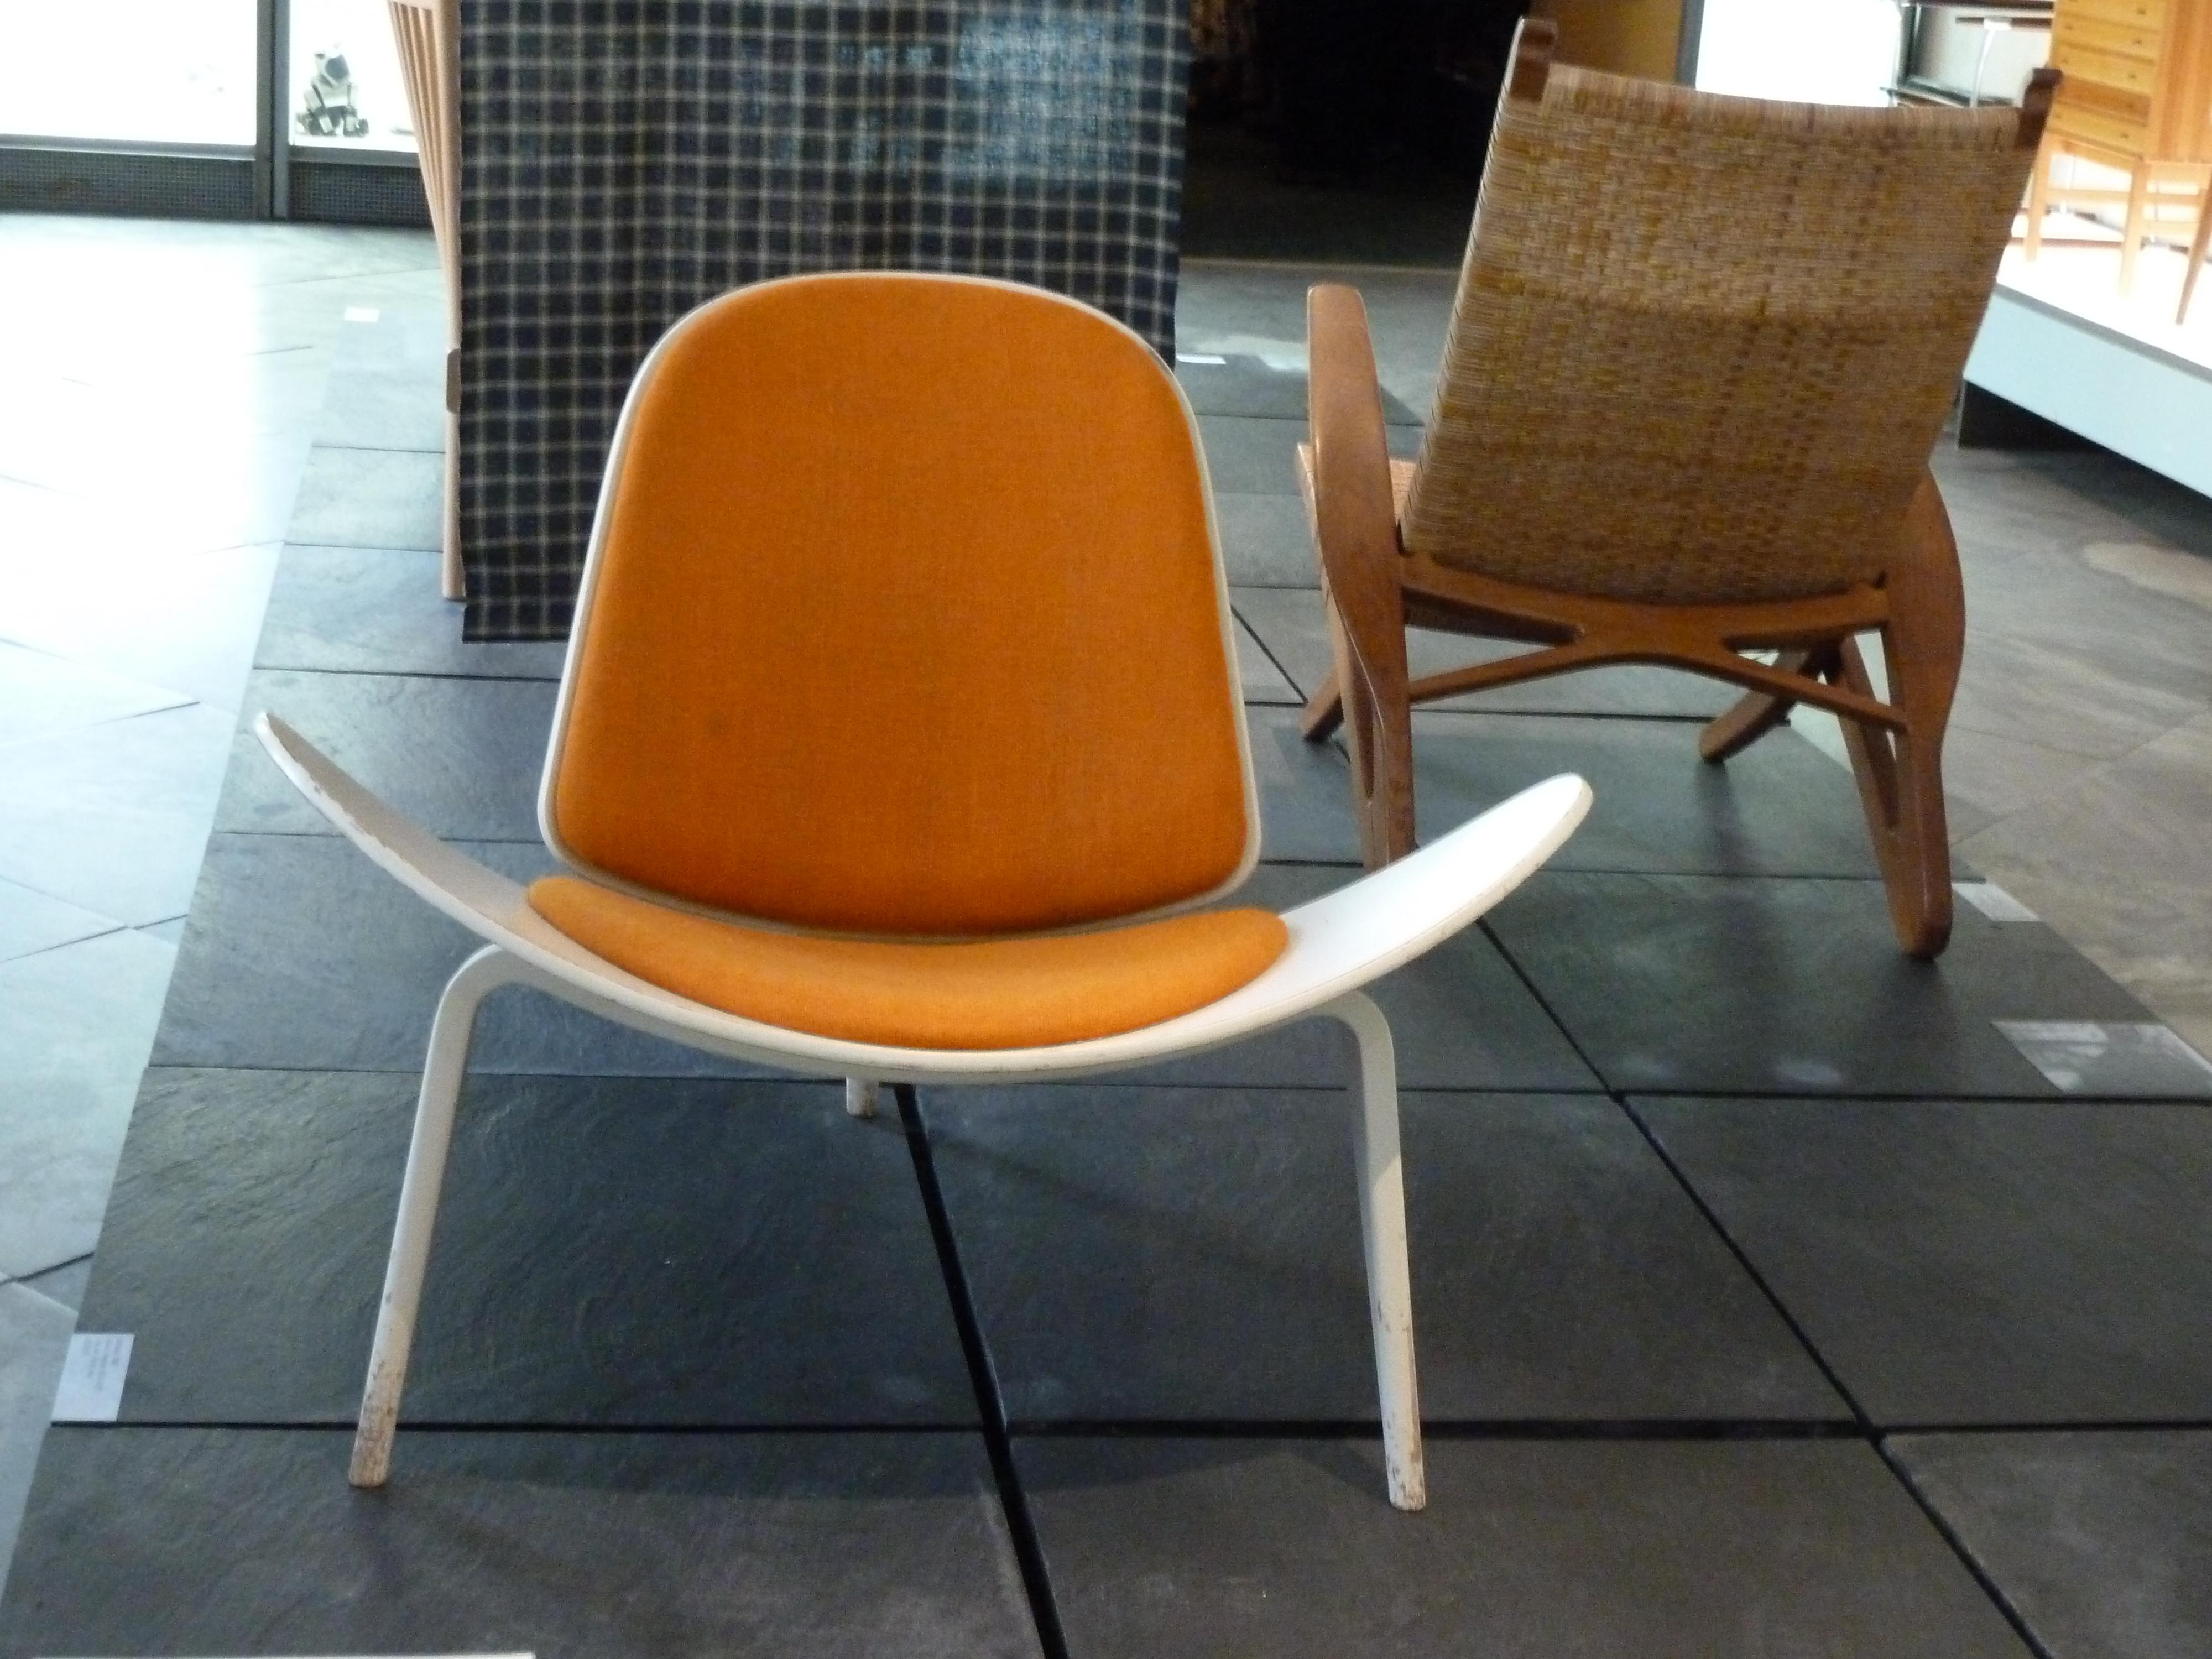 FileShell Chair Designmuseum Danmarkjpg  Wikimedia Commons